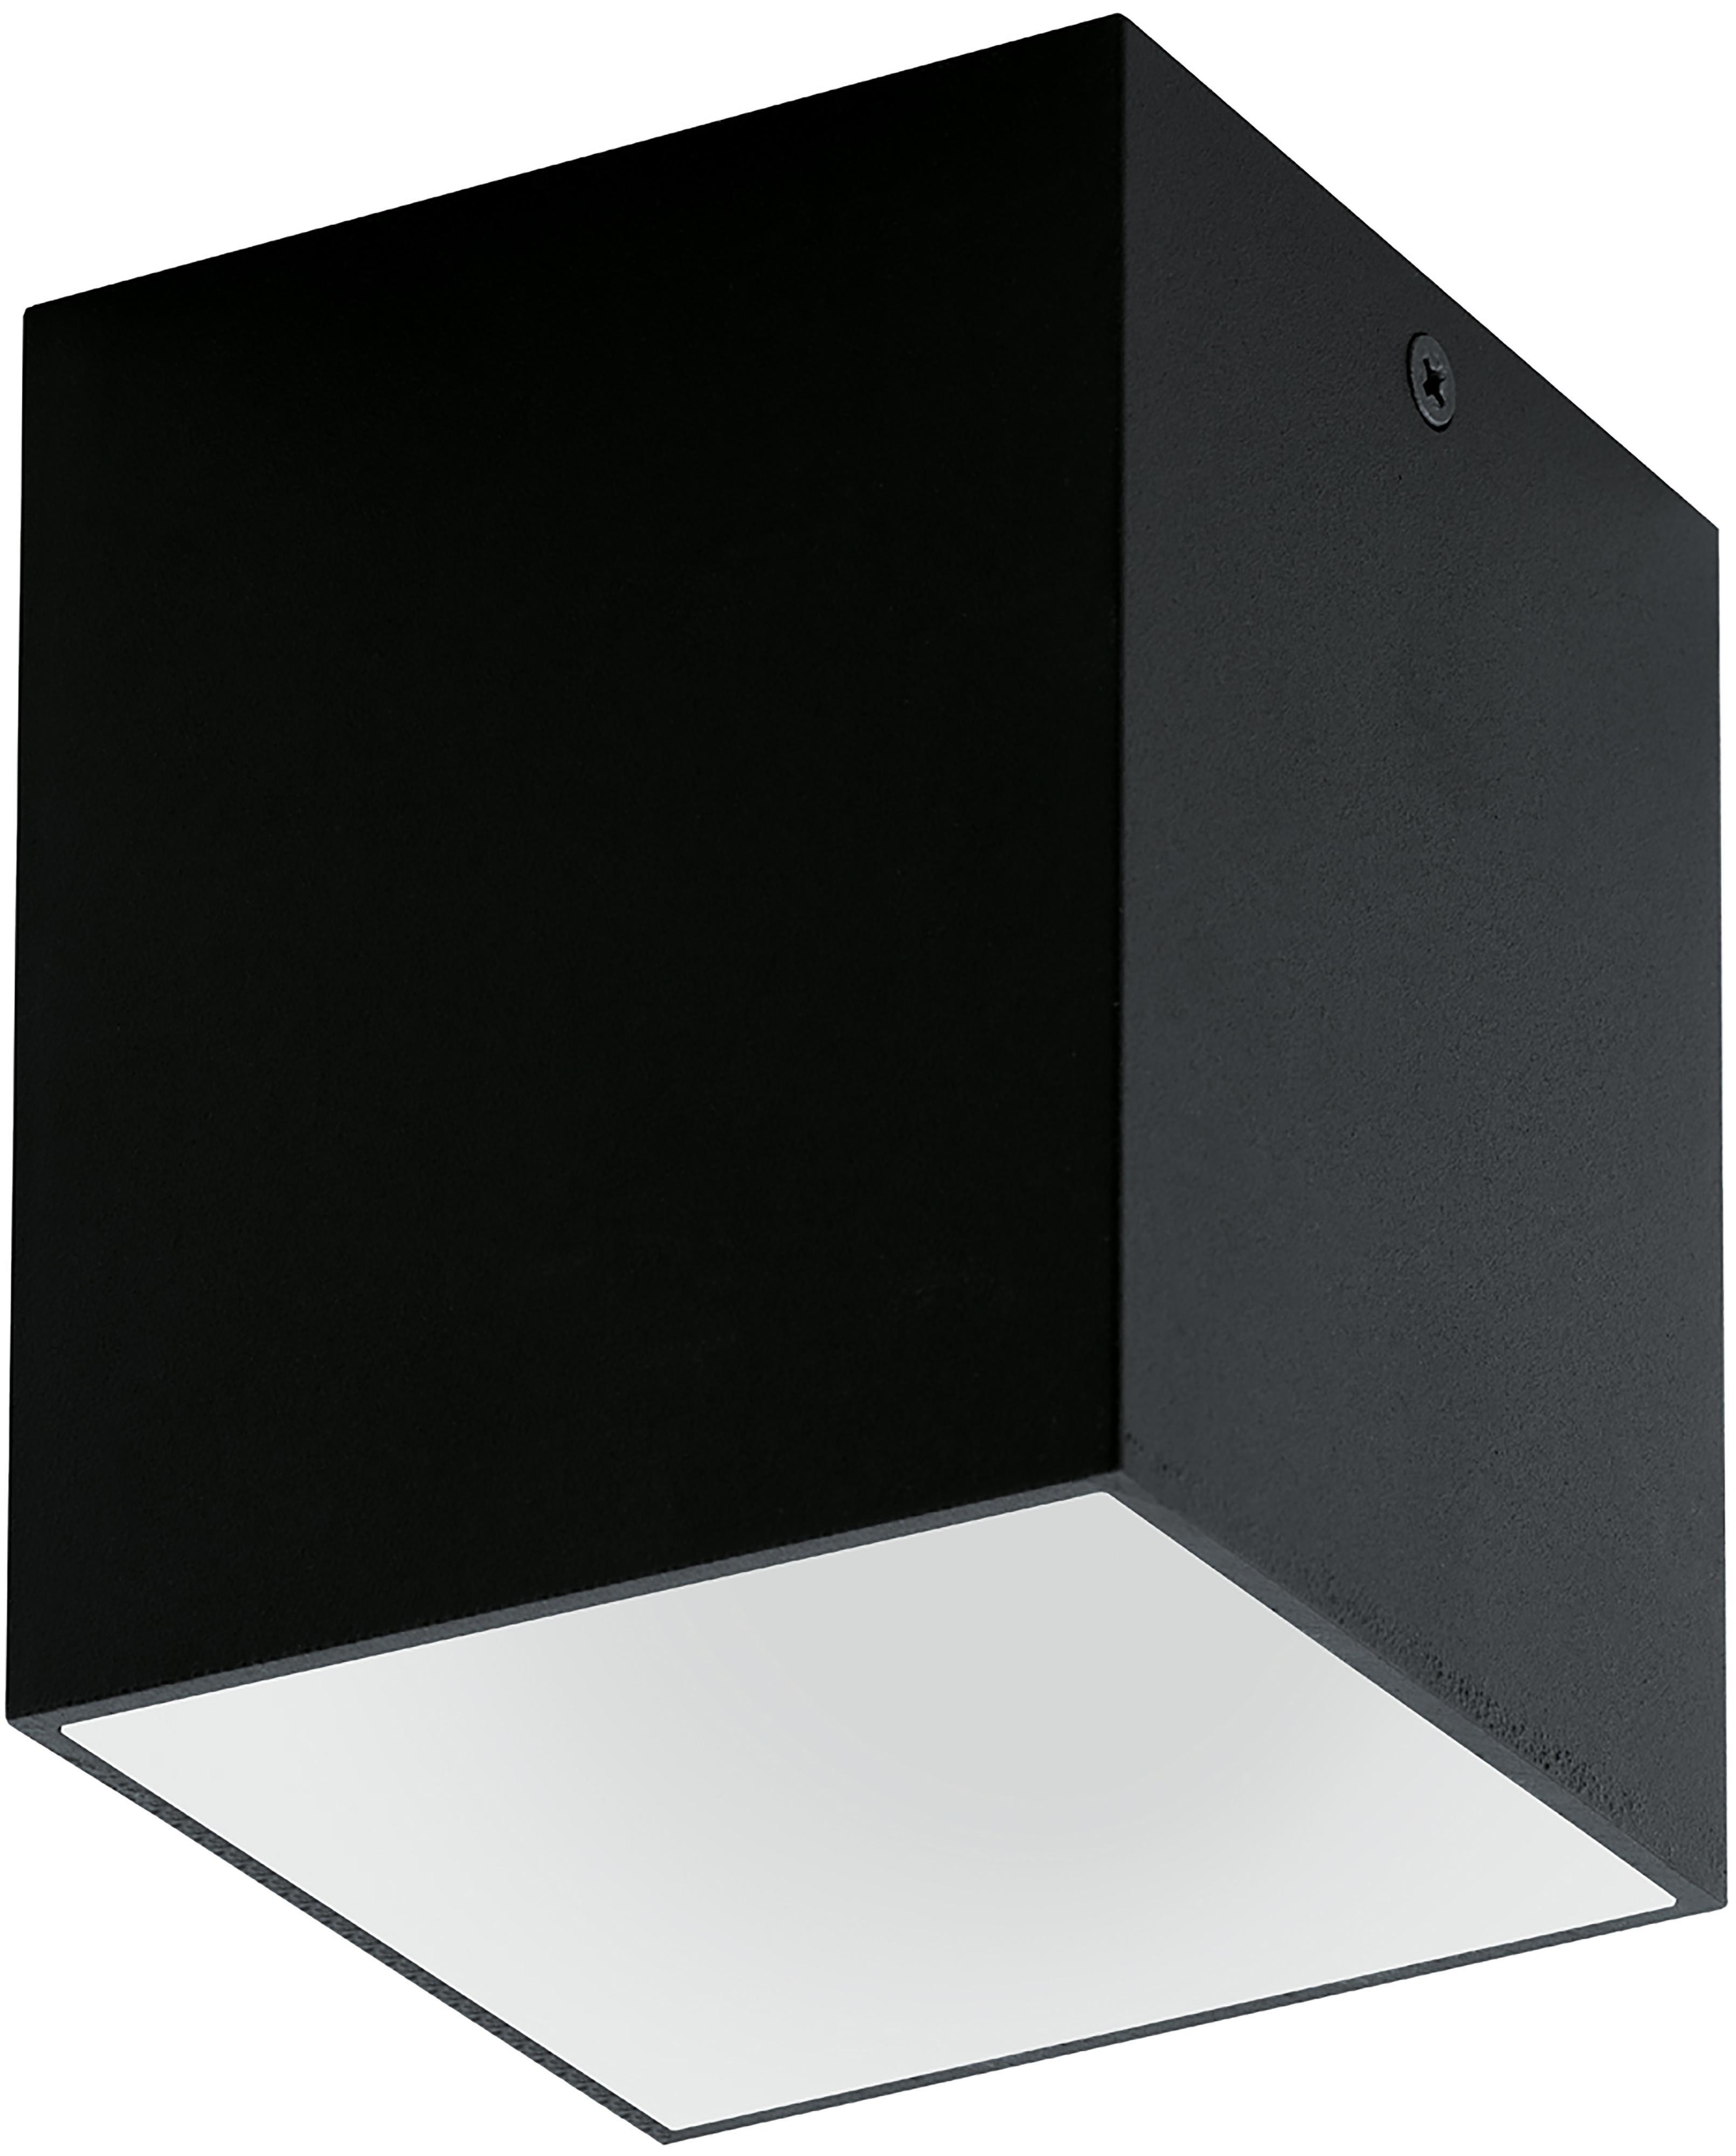 Faretto da soffitto a LED Marty, Metallo verniciato a polvere, Nero, bianco, Larg. 10 x Alt. 12 cm